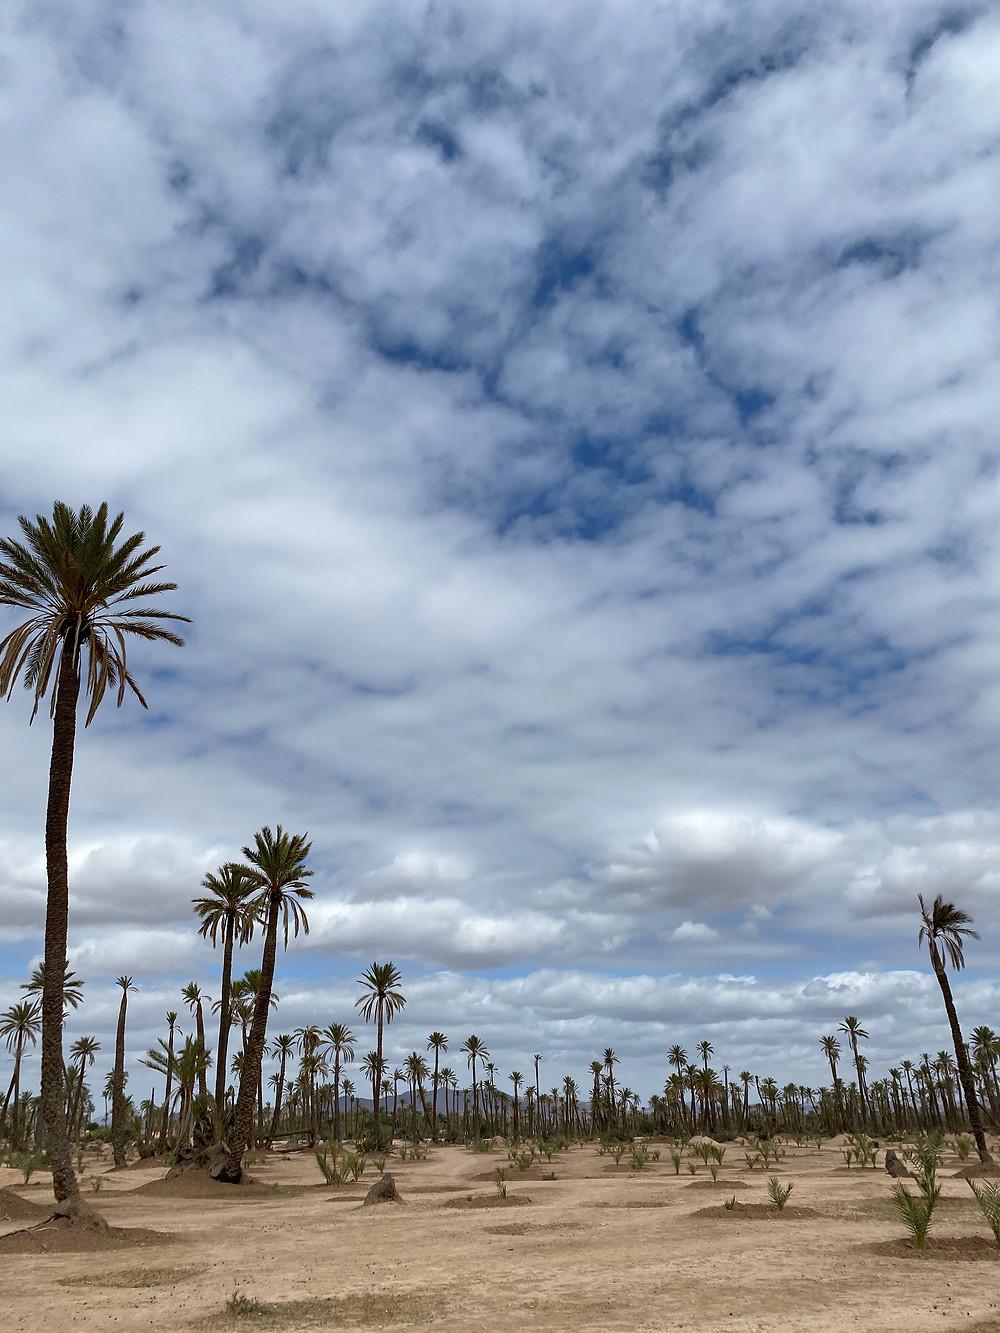 Empty palm field in Marrakech, Morocco